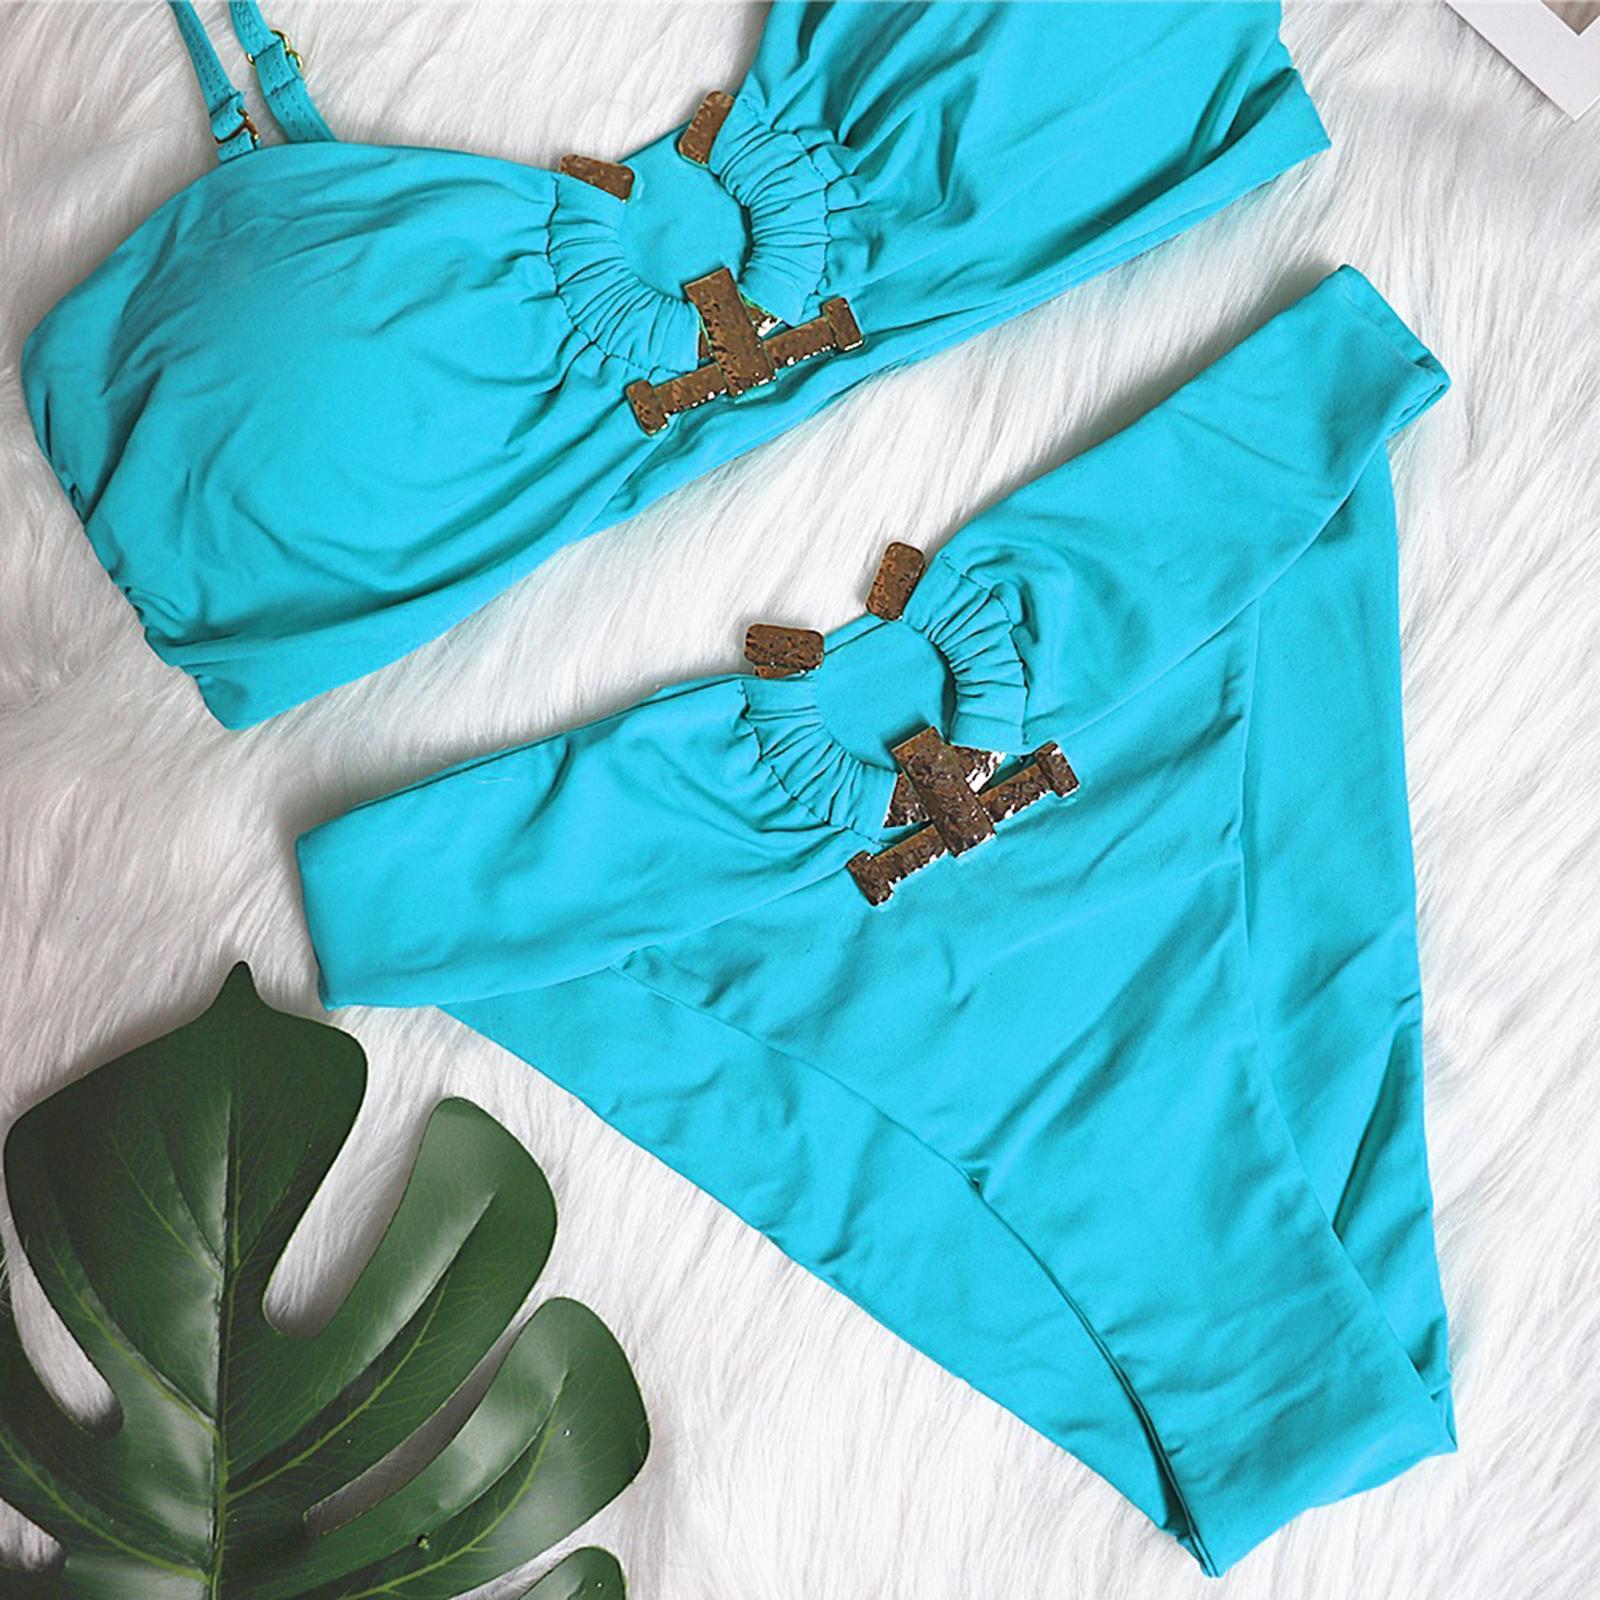 Indexbild 143 - Zwei Stücke Bikini Set Strappy Bademode Party Badeanzug Tankini Bademode